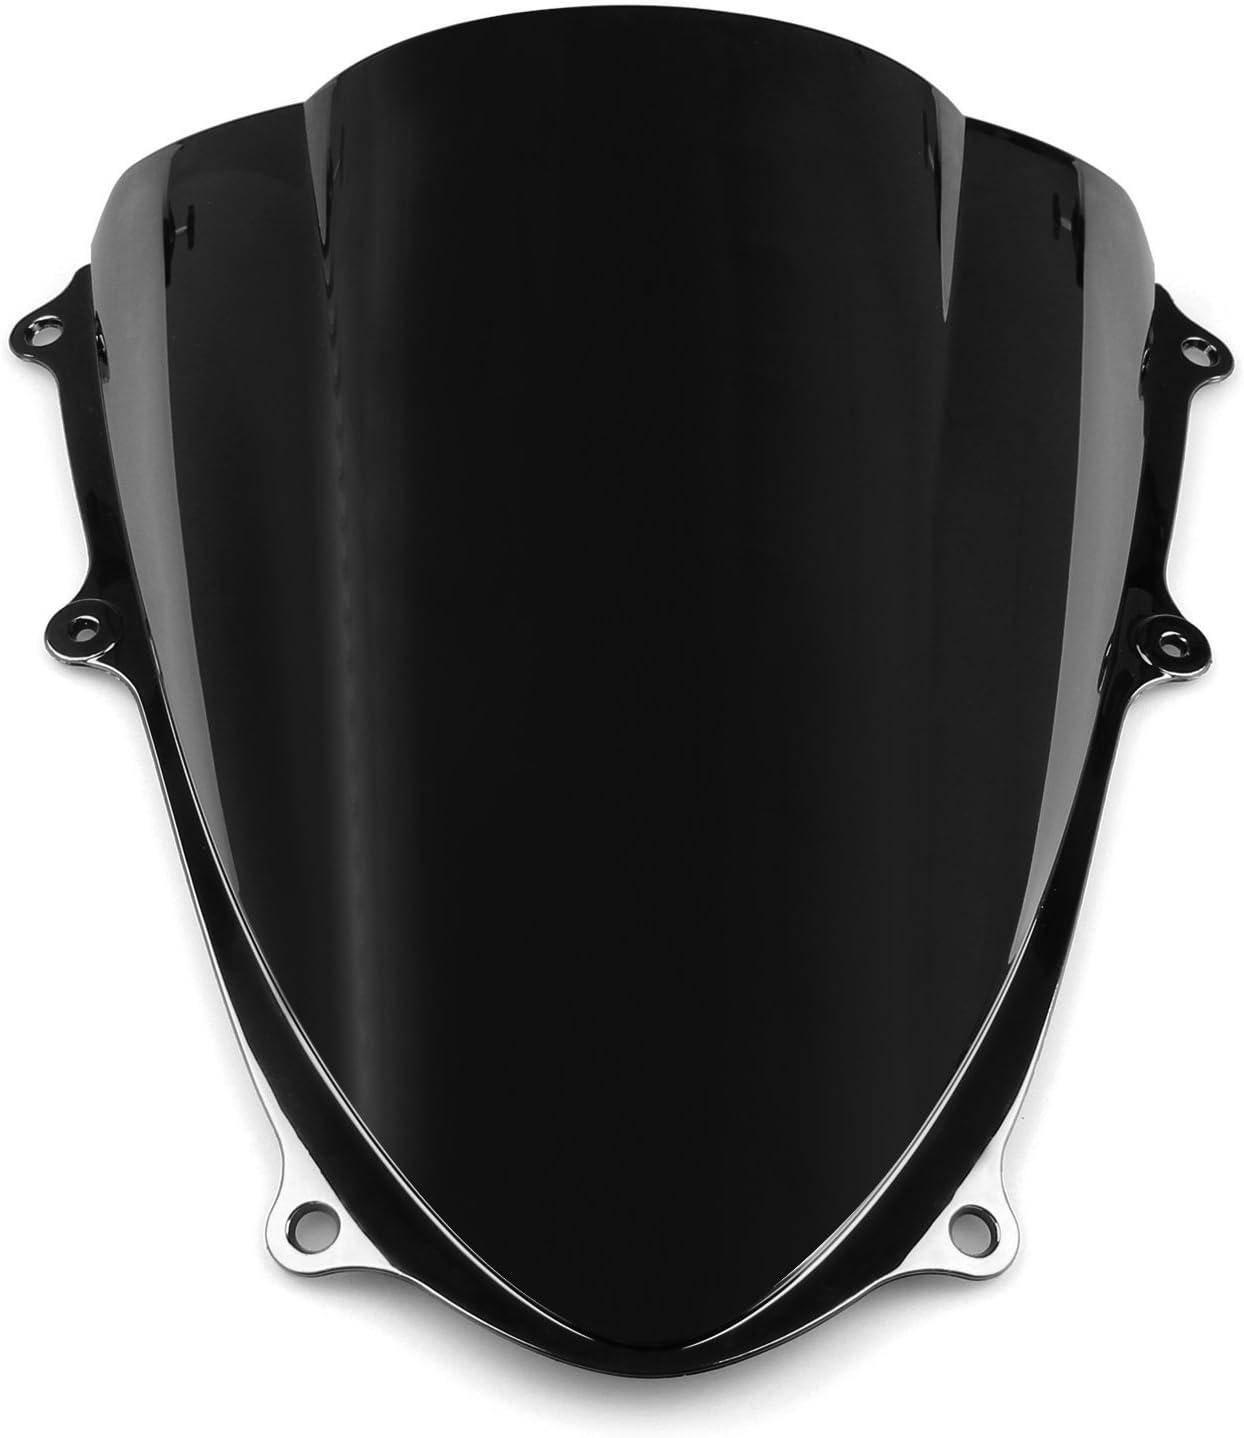 Areyourshop Windshield WindScreen Double Bubble For GSXR 1000 2009-2016 K9 Black